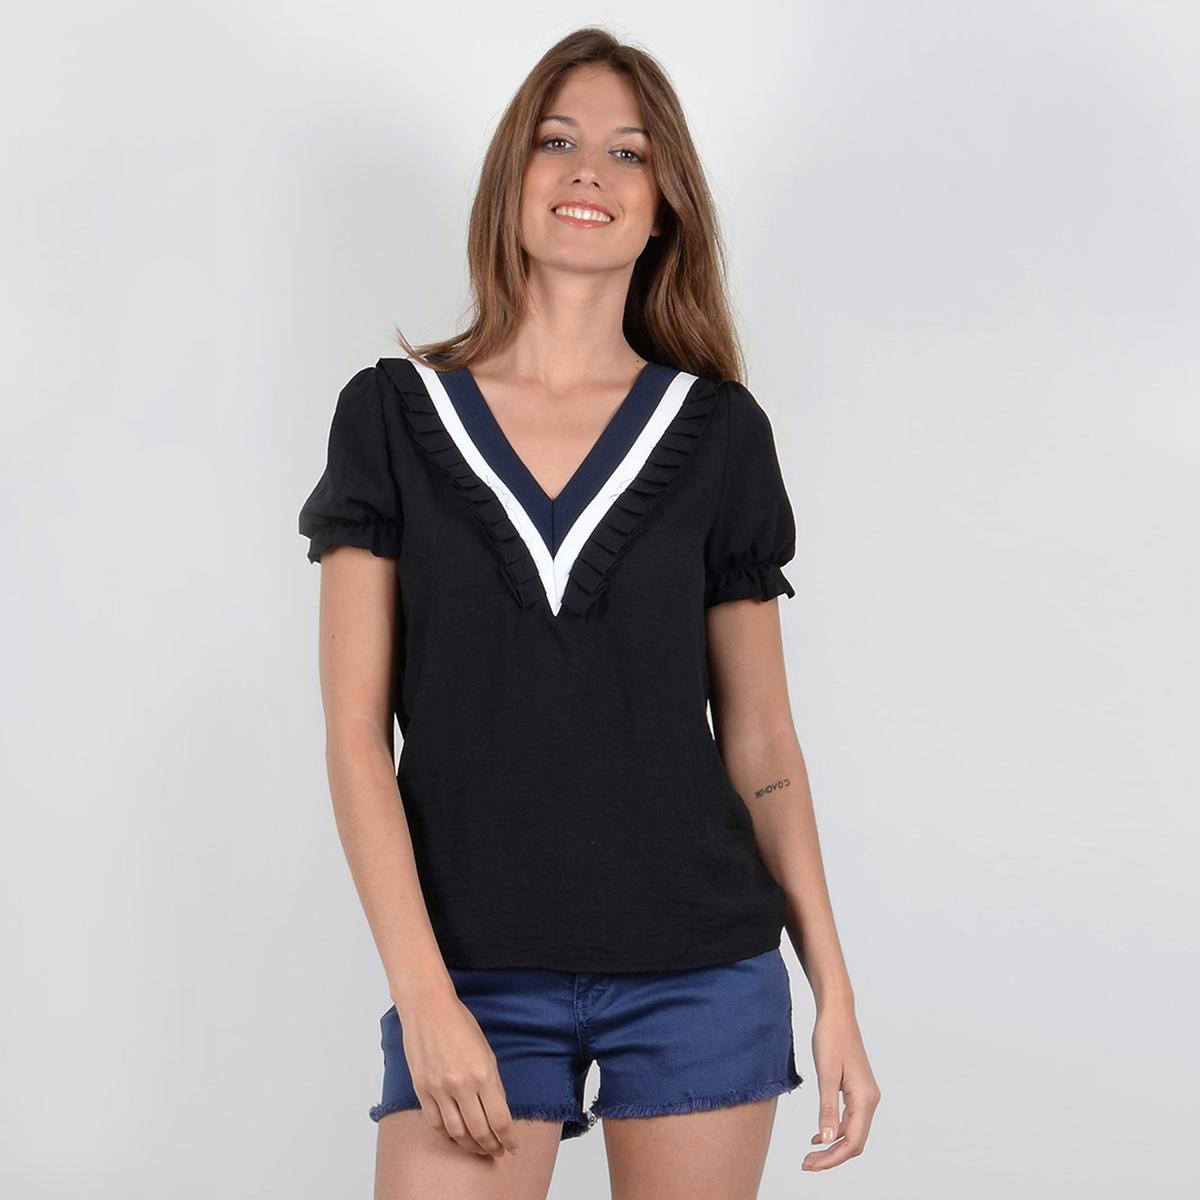 Блузка однотонная с V-образным вырезом и короткими рукавами семь волков мужской чистого цвета хлопка с короткими рукавами футболки v образным вырезом донизу рубашки летние спортивные 98714 белый xxl